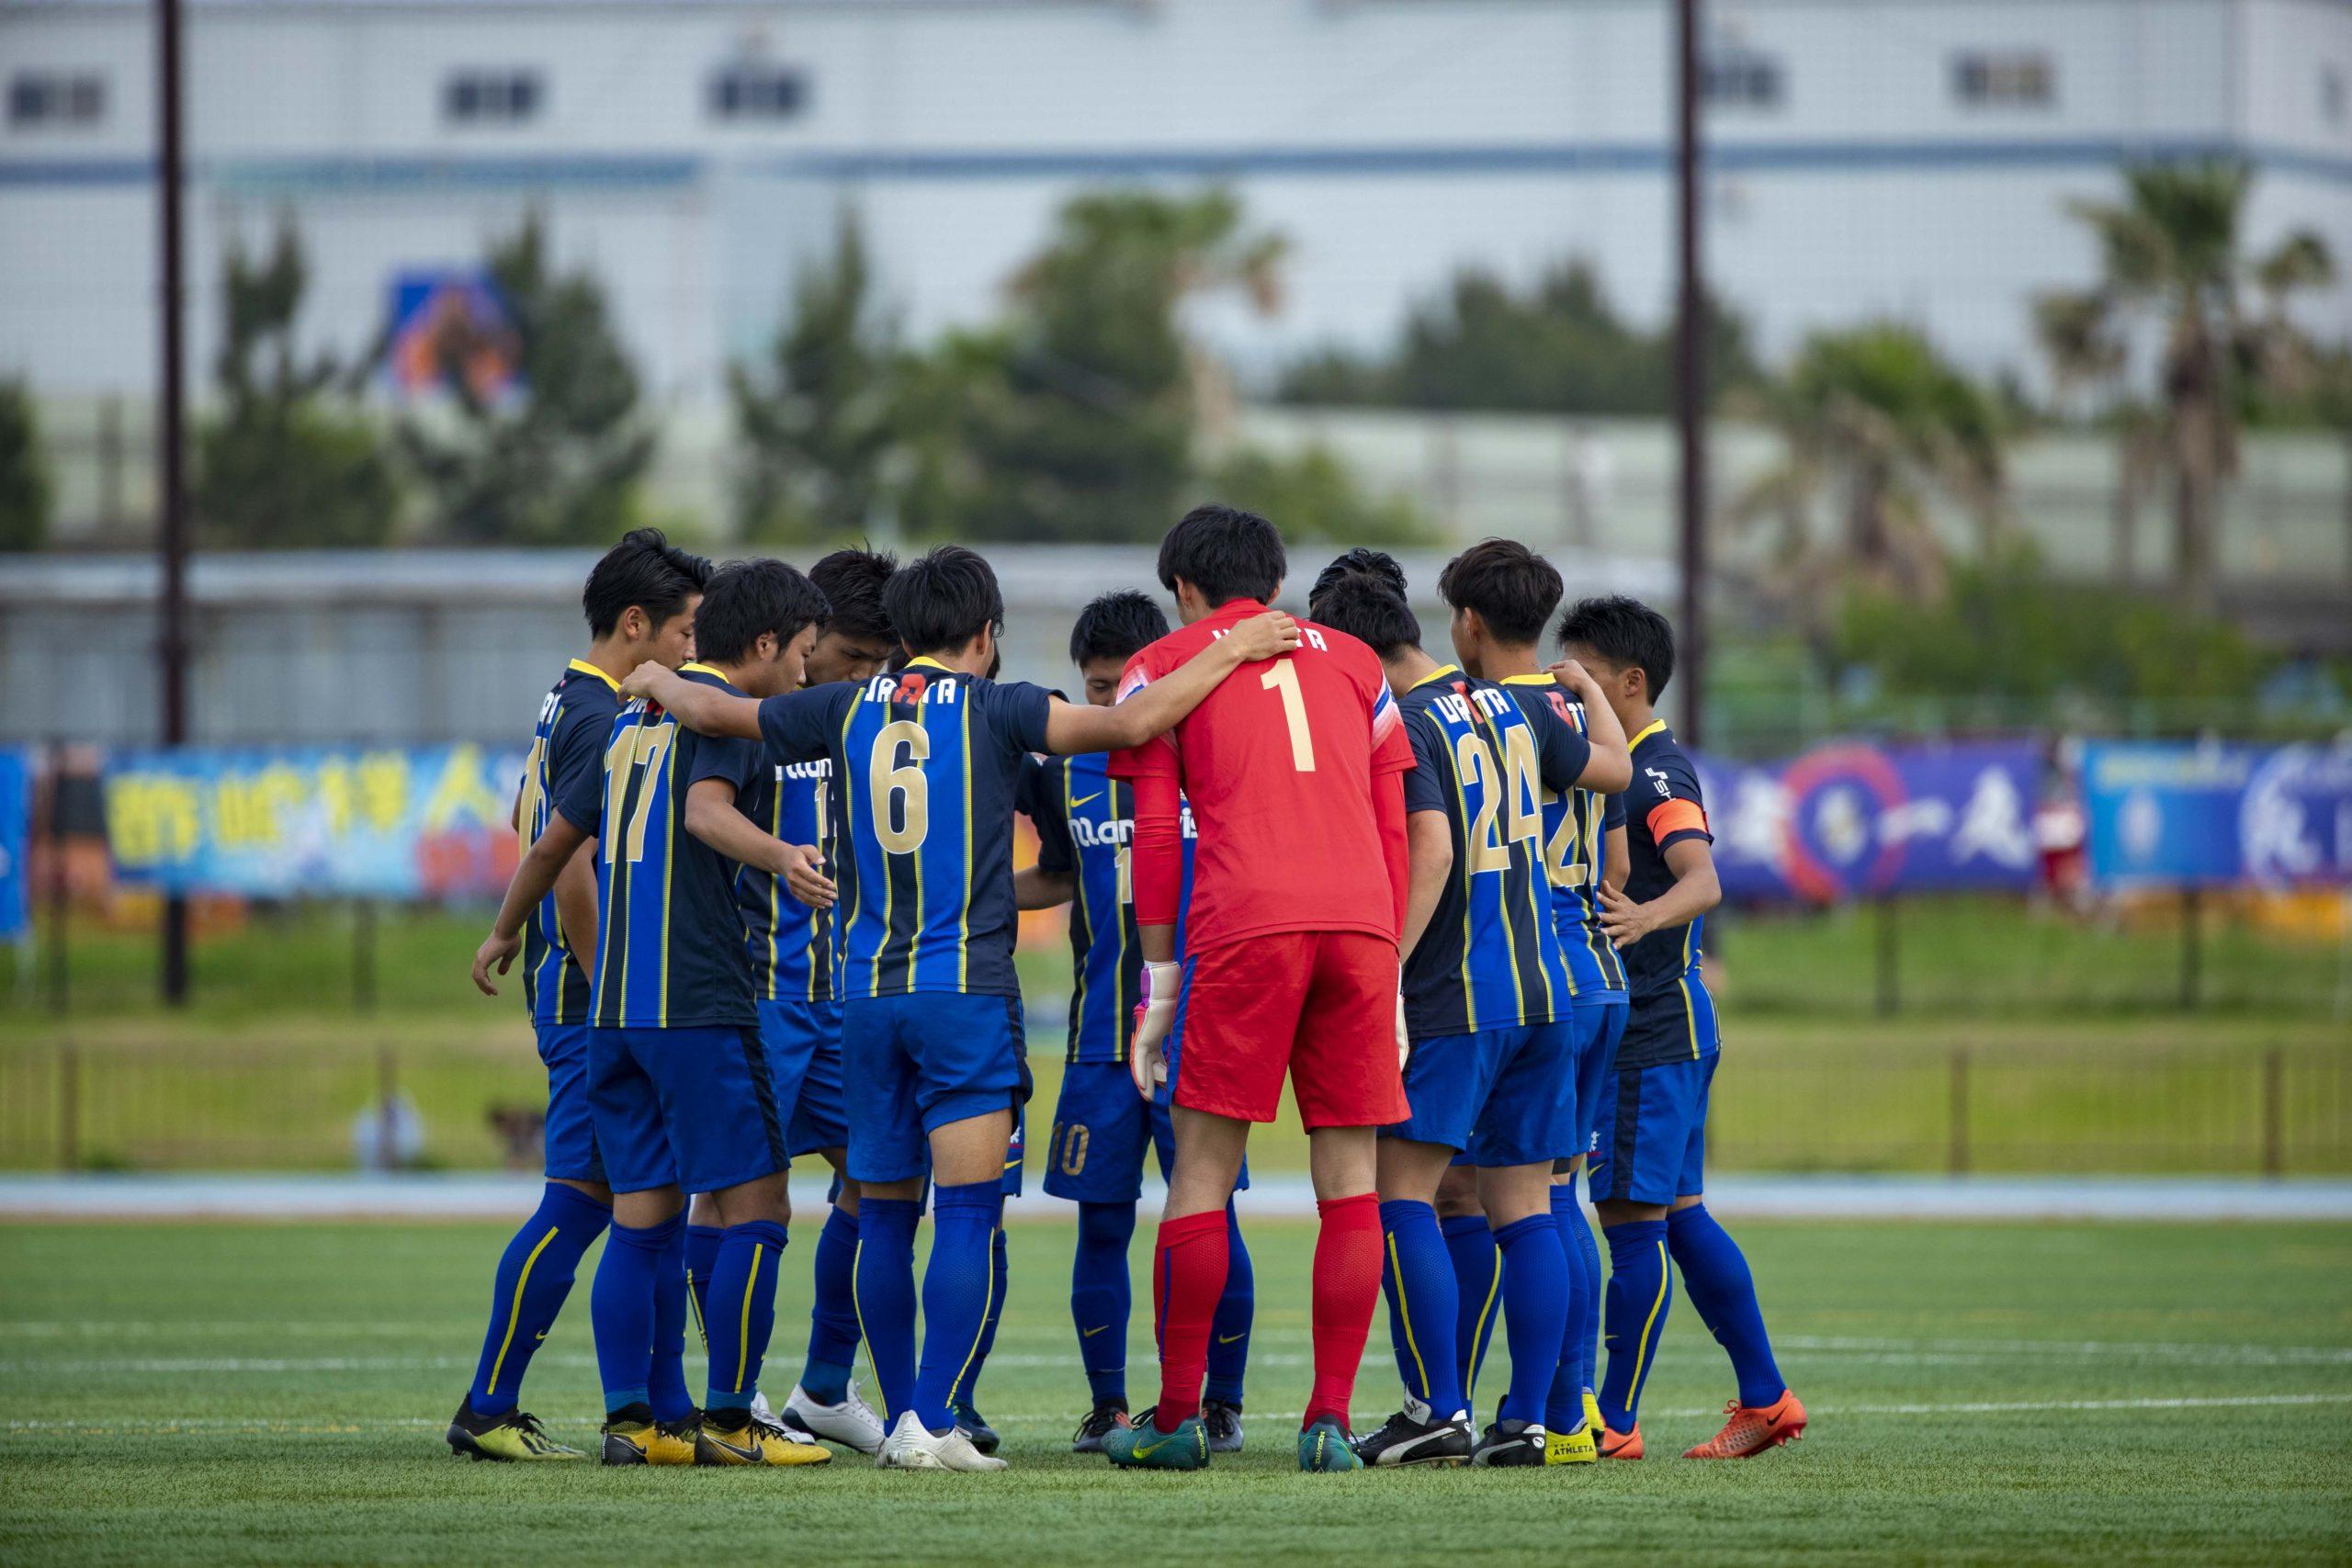 【TOP】第55回全国社会人サッカー選手権大会 関東予選